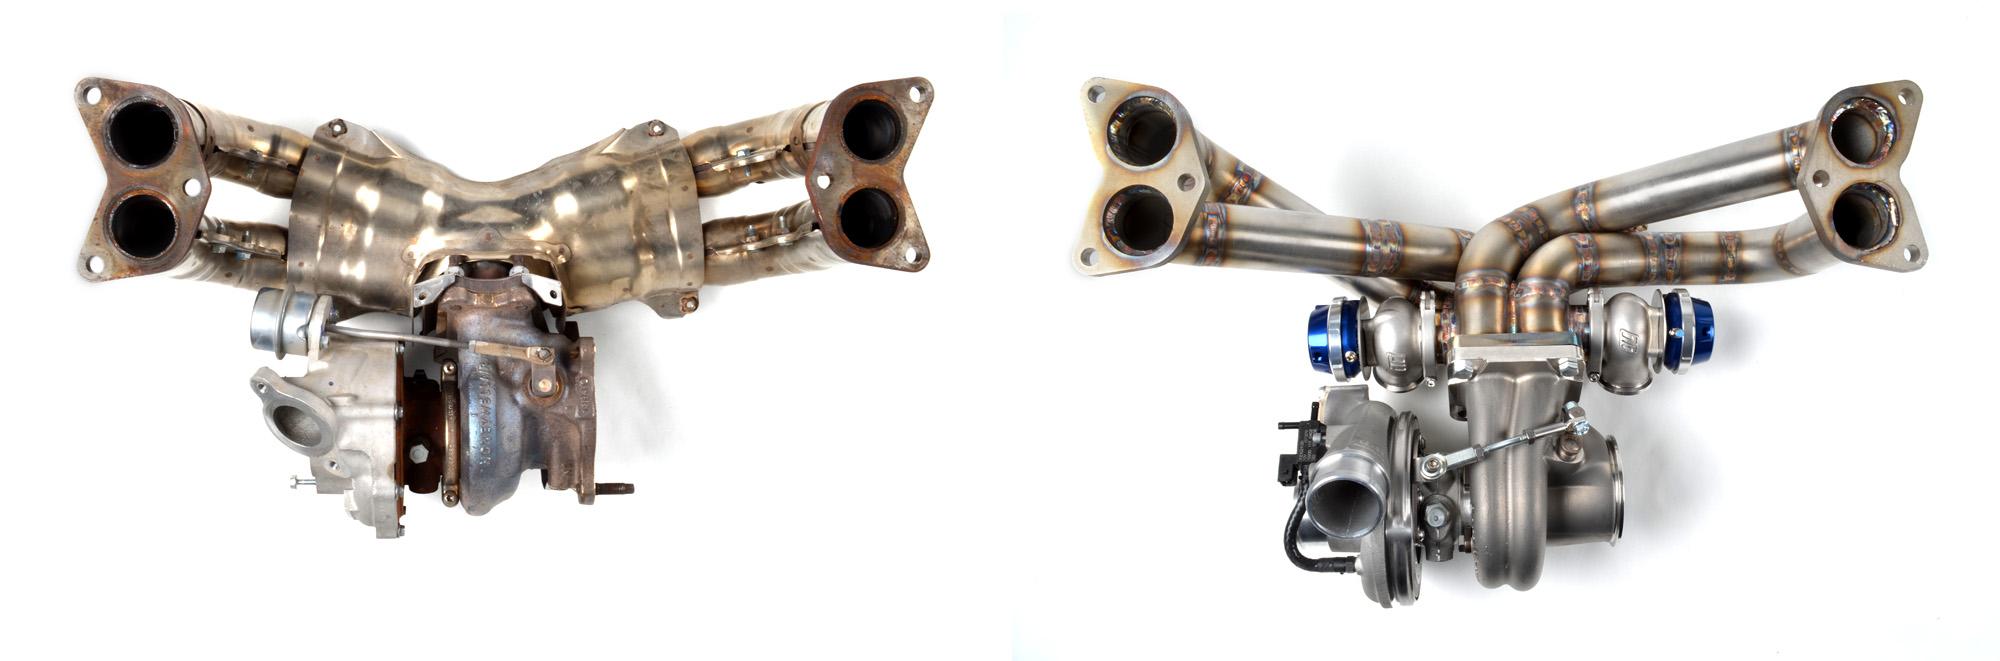 Grimmspeed Efr7163 Twinscroll Fa20dit Turbo Kit